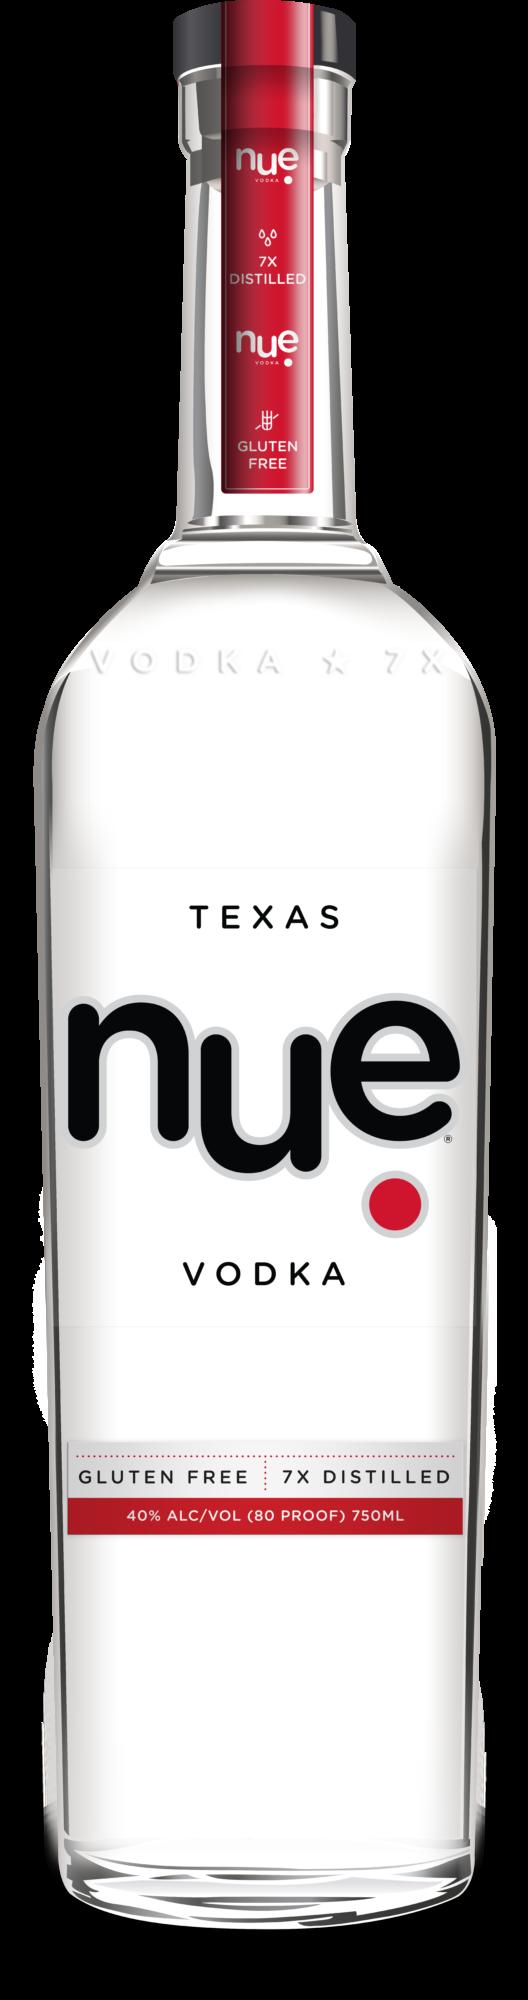 Bottle of nue vodka